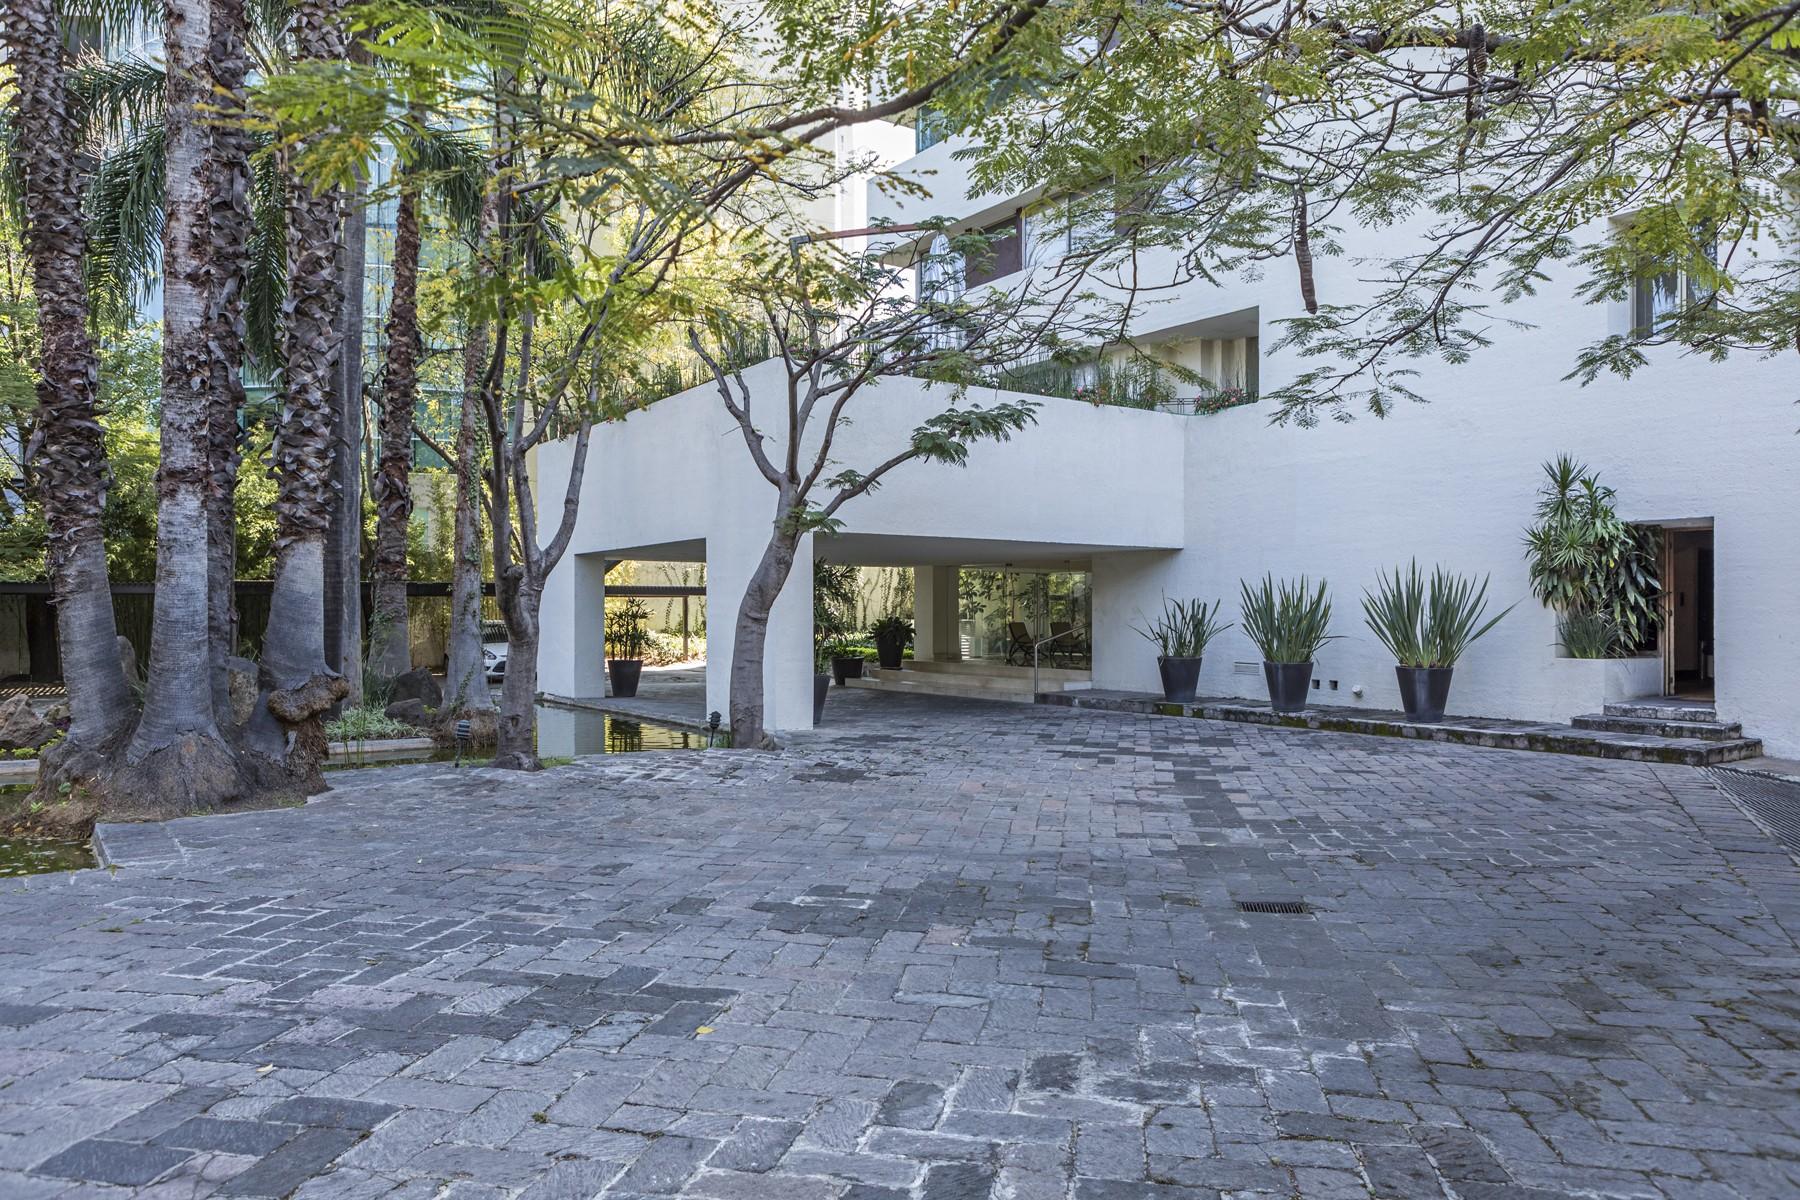 Apartment for Sale at Departamento 5 Rio de la Plata, Colomos Providencia Guadalajara, Jalisco 44620 Mexico